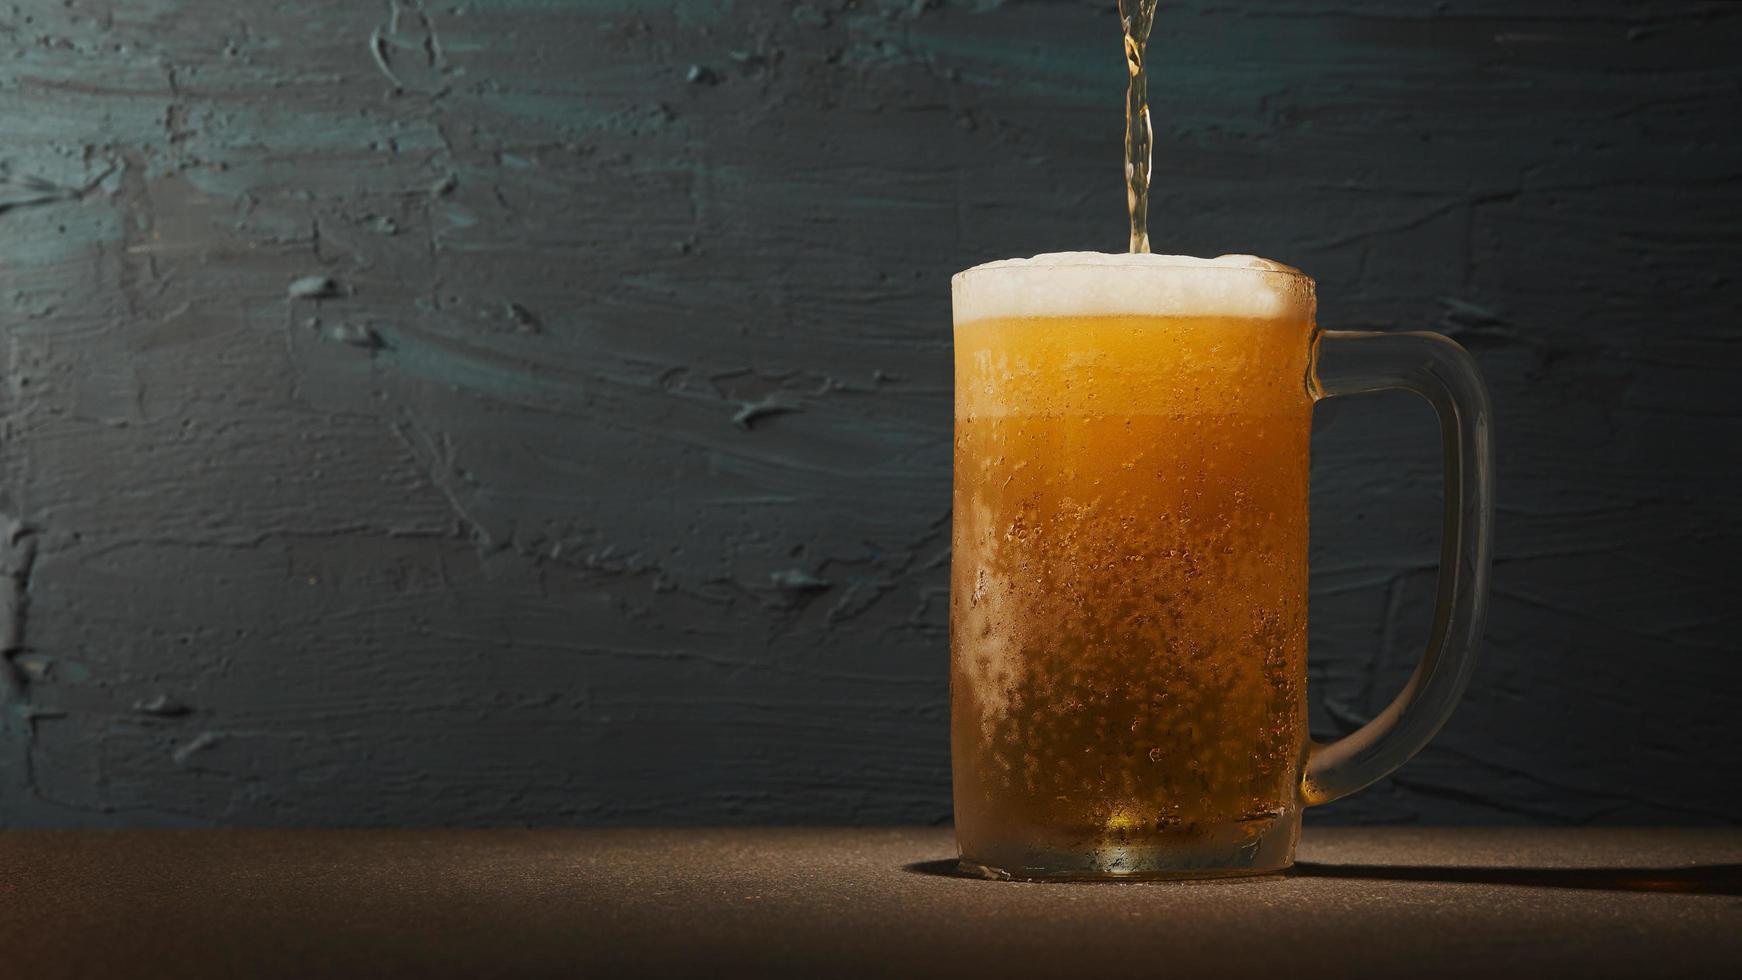 birra che viene versata in una tazza foto